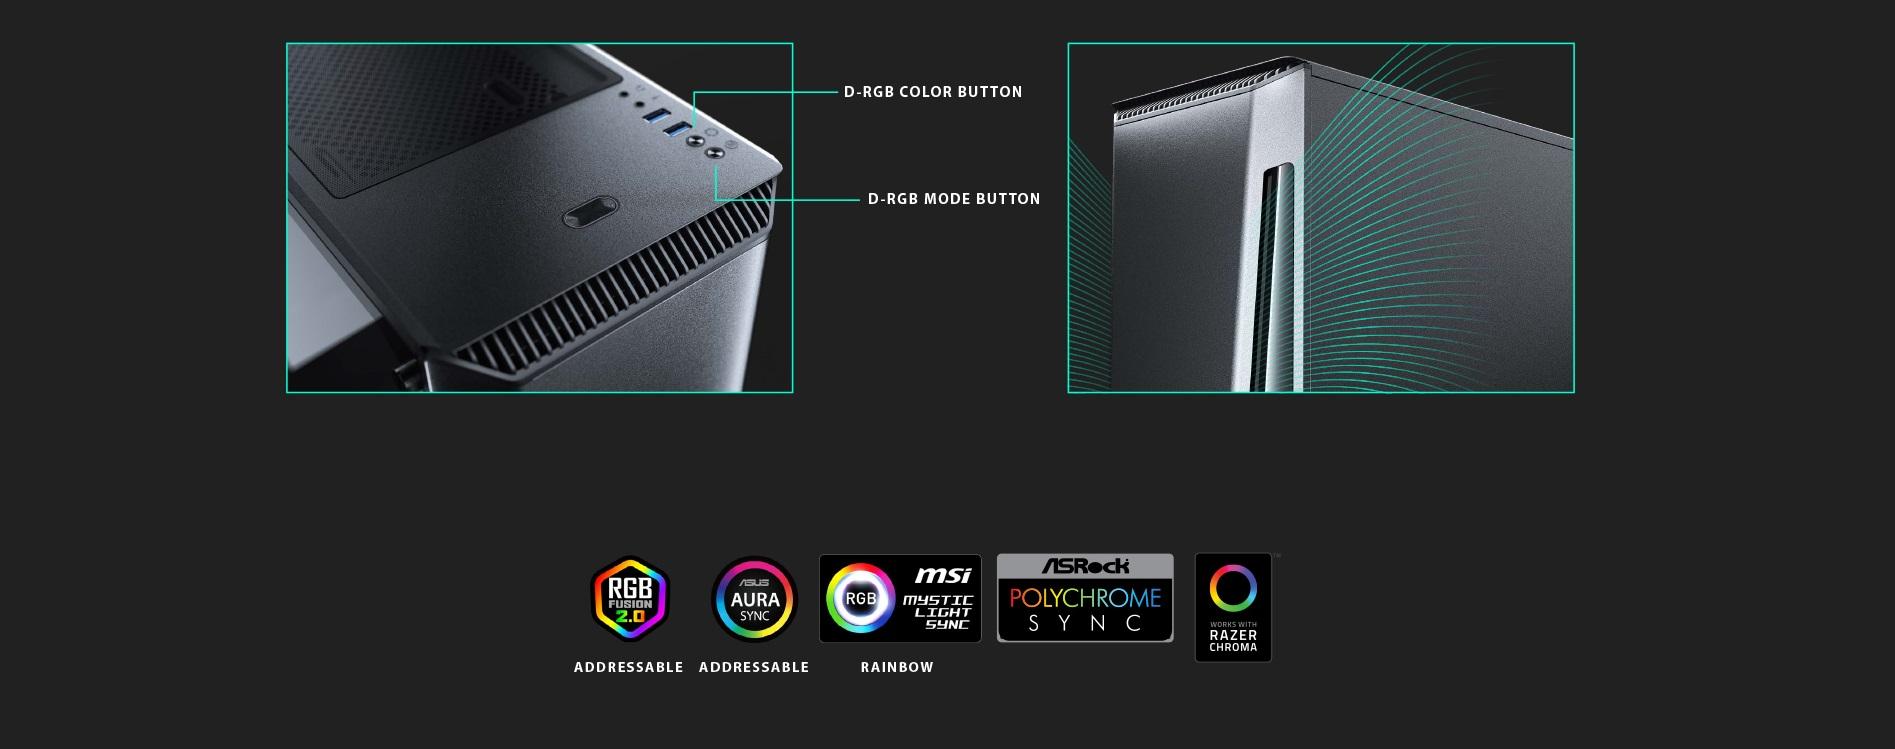 Phanteks Eclipse P360X Tempered Glass, Digtial RGB Lighting thiết kế nút bấm phía trước